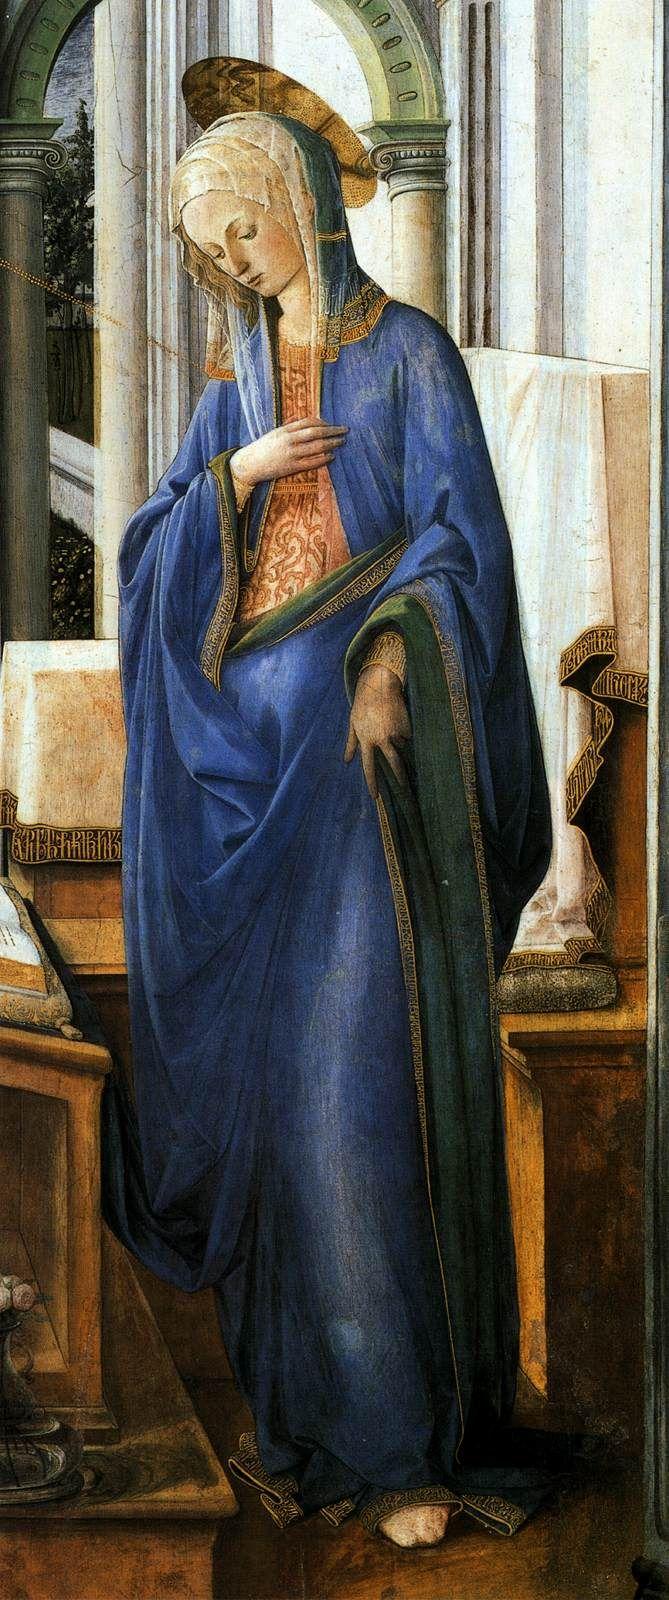 Filippo Lippi - The Annunciation. Detail. 1443